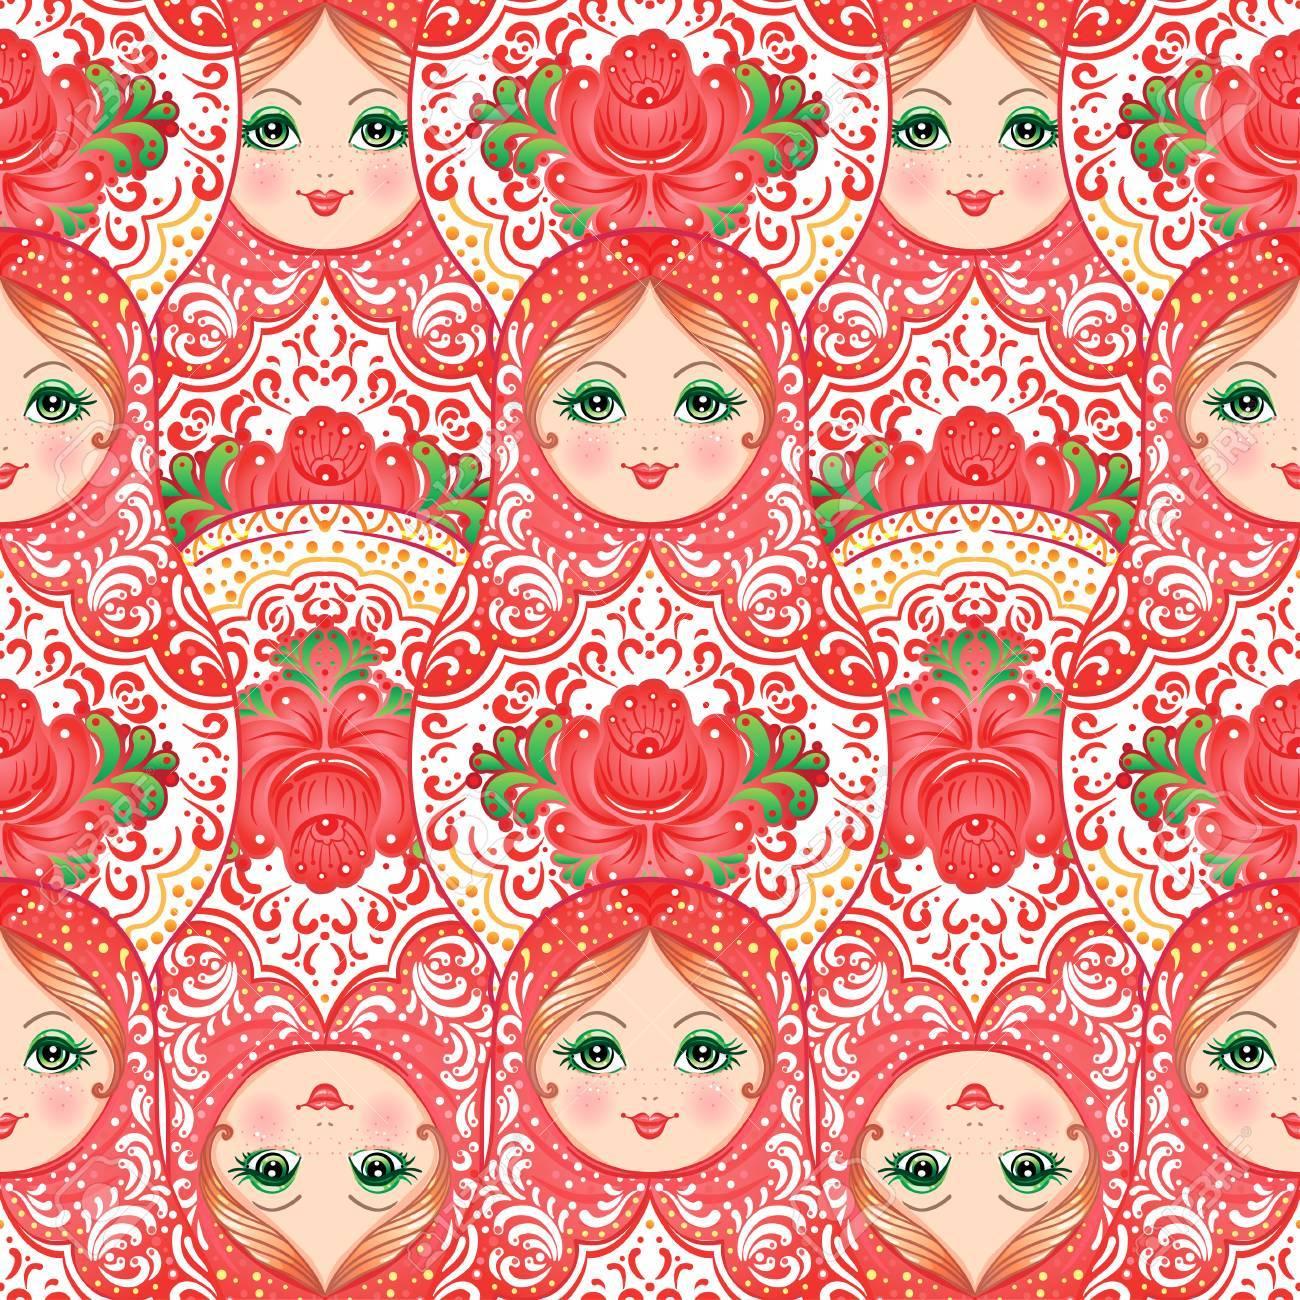 Babushka Matryoshka Seamless Pattern Traditional Russian Wooden Nesting Doll With Painted Flowers